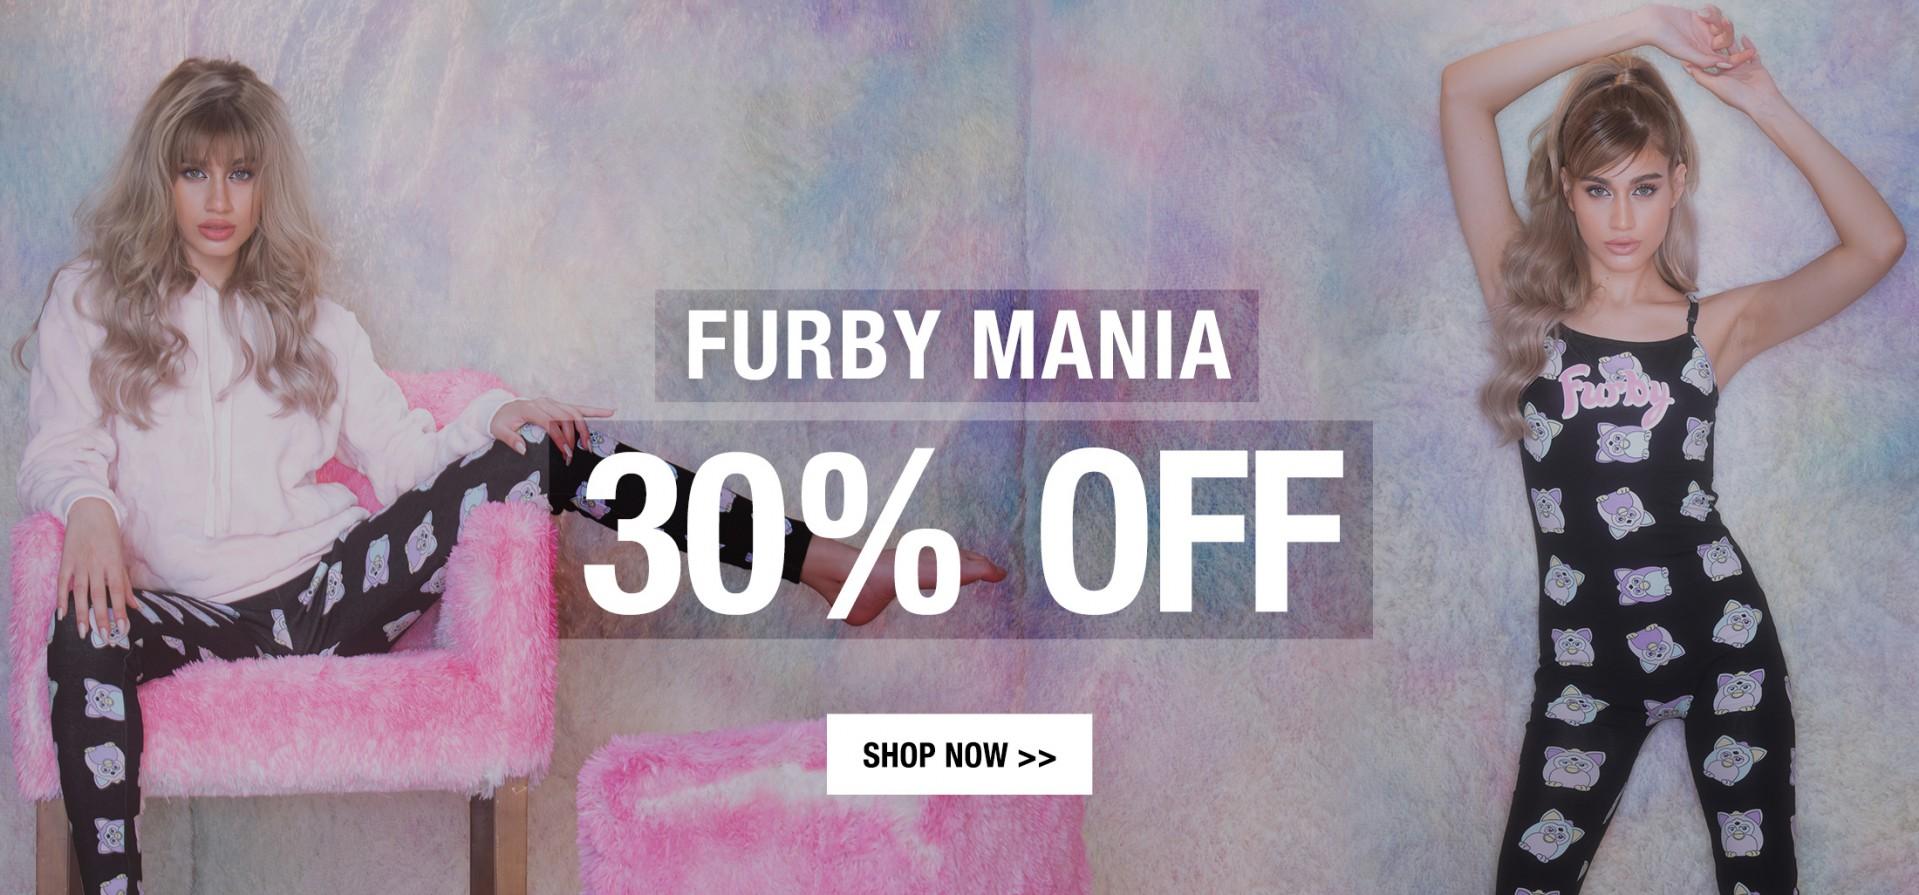 30% OFF FURBY MANIA